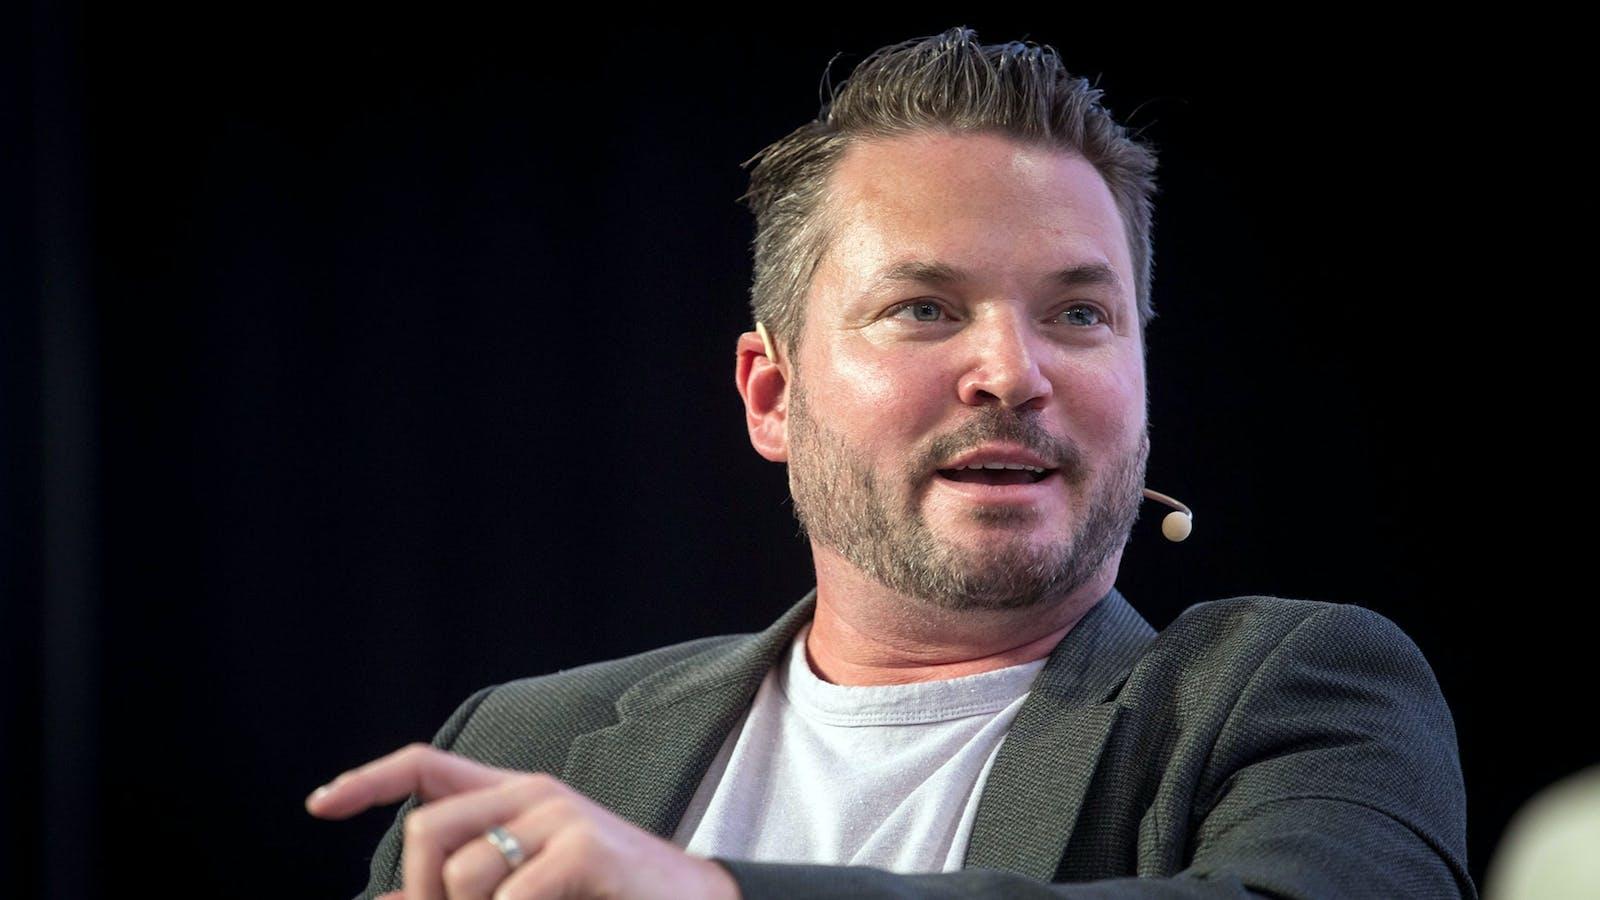 Bird CEO Travis VanderZanden. Photo by Bloomberg.